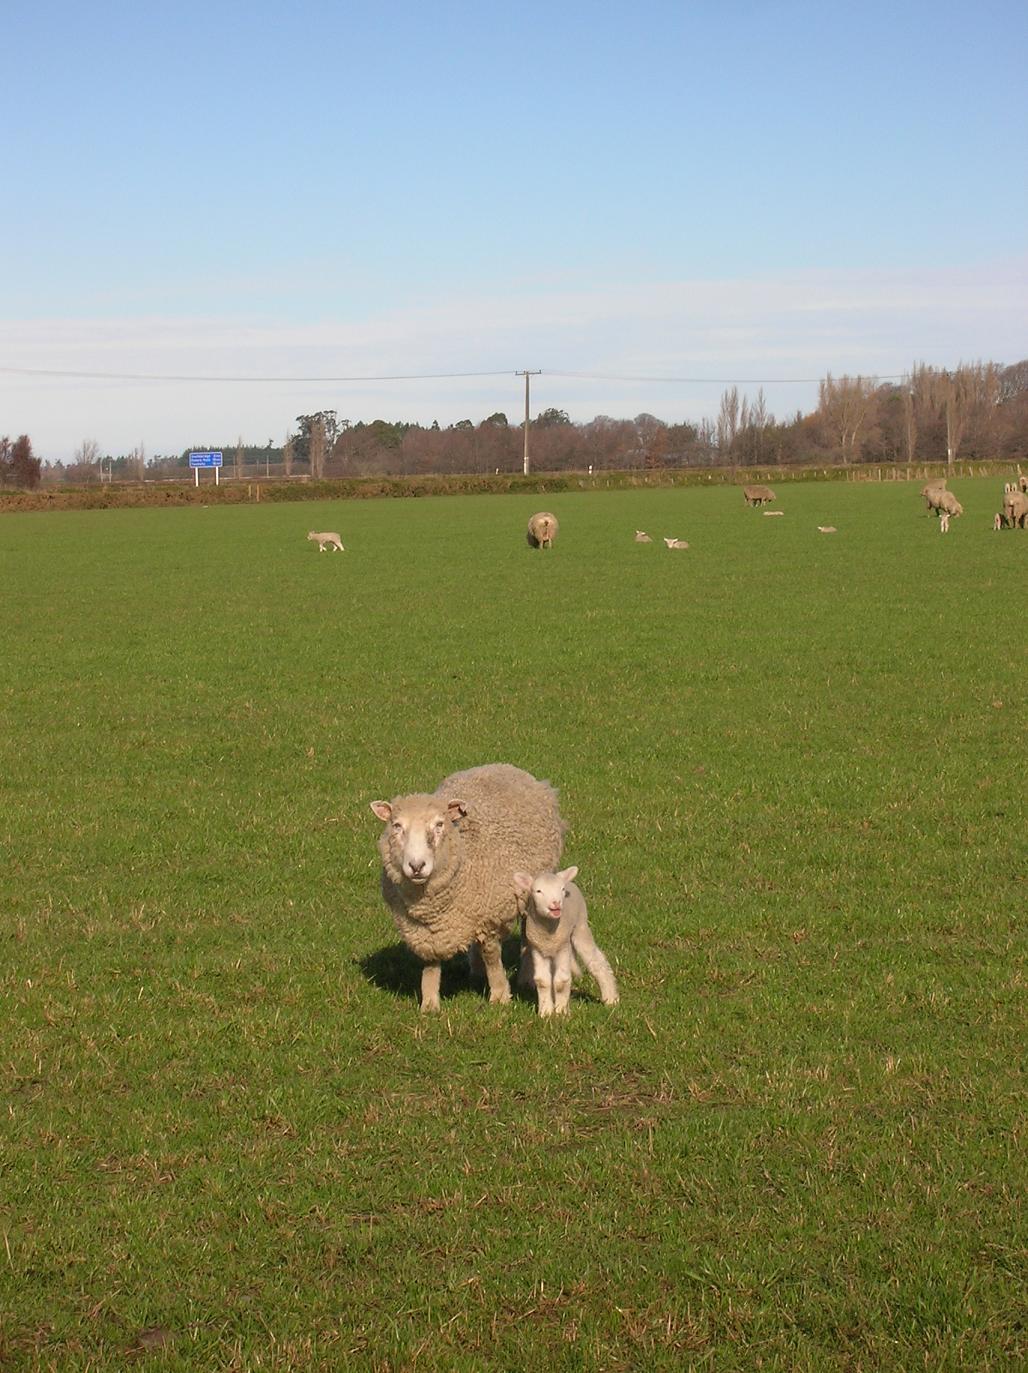 Von links nach rechts: Schaf (groß), Schaf (klein)